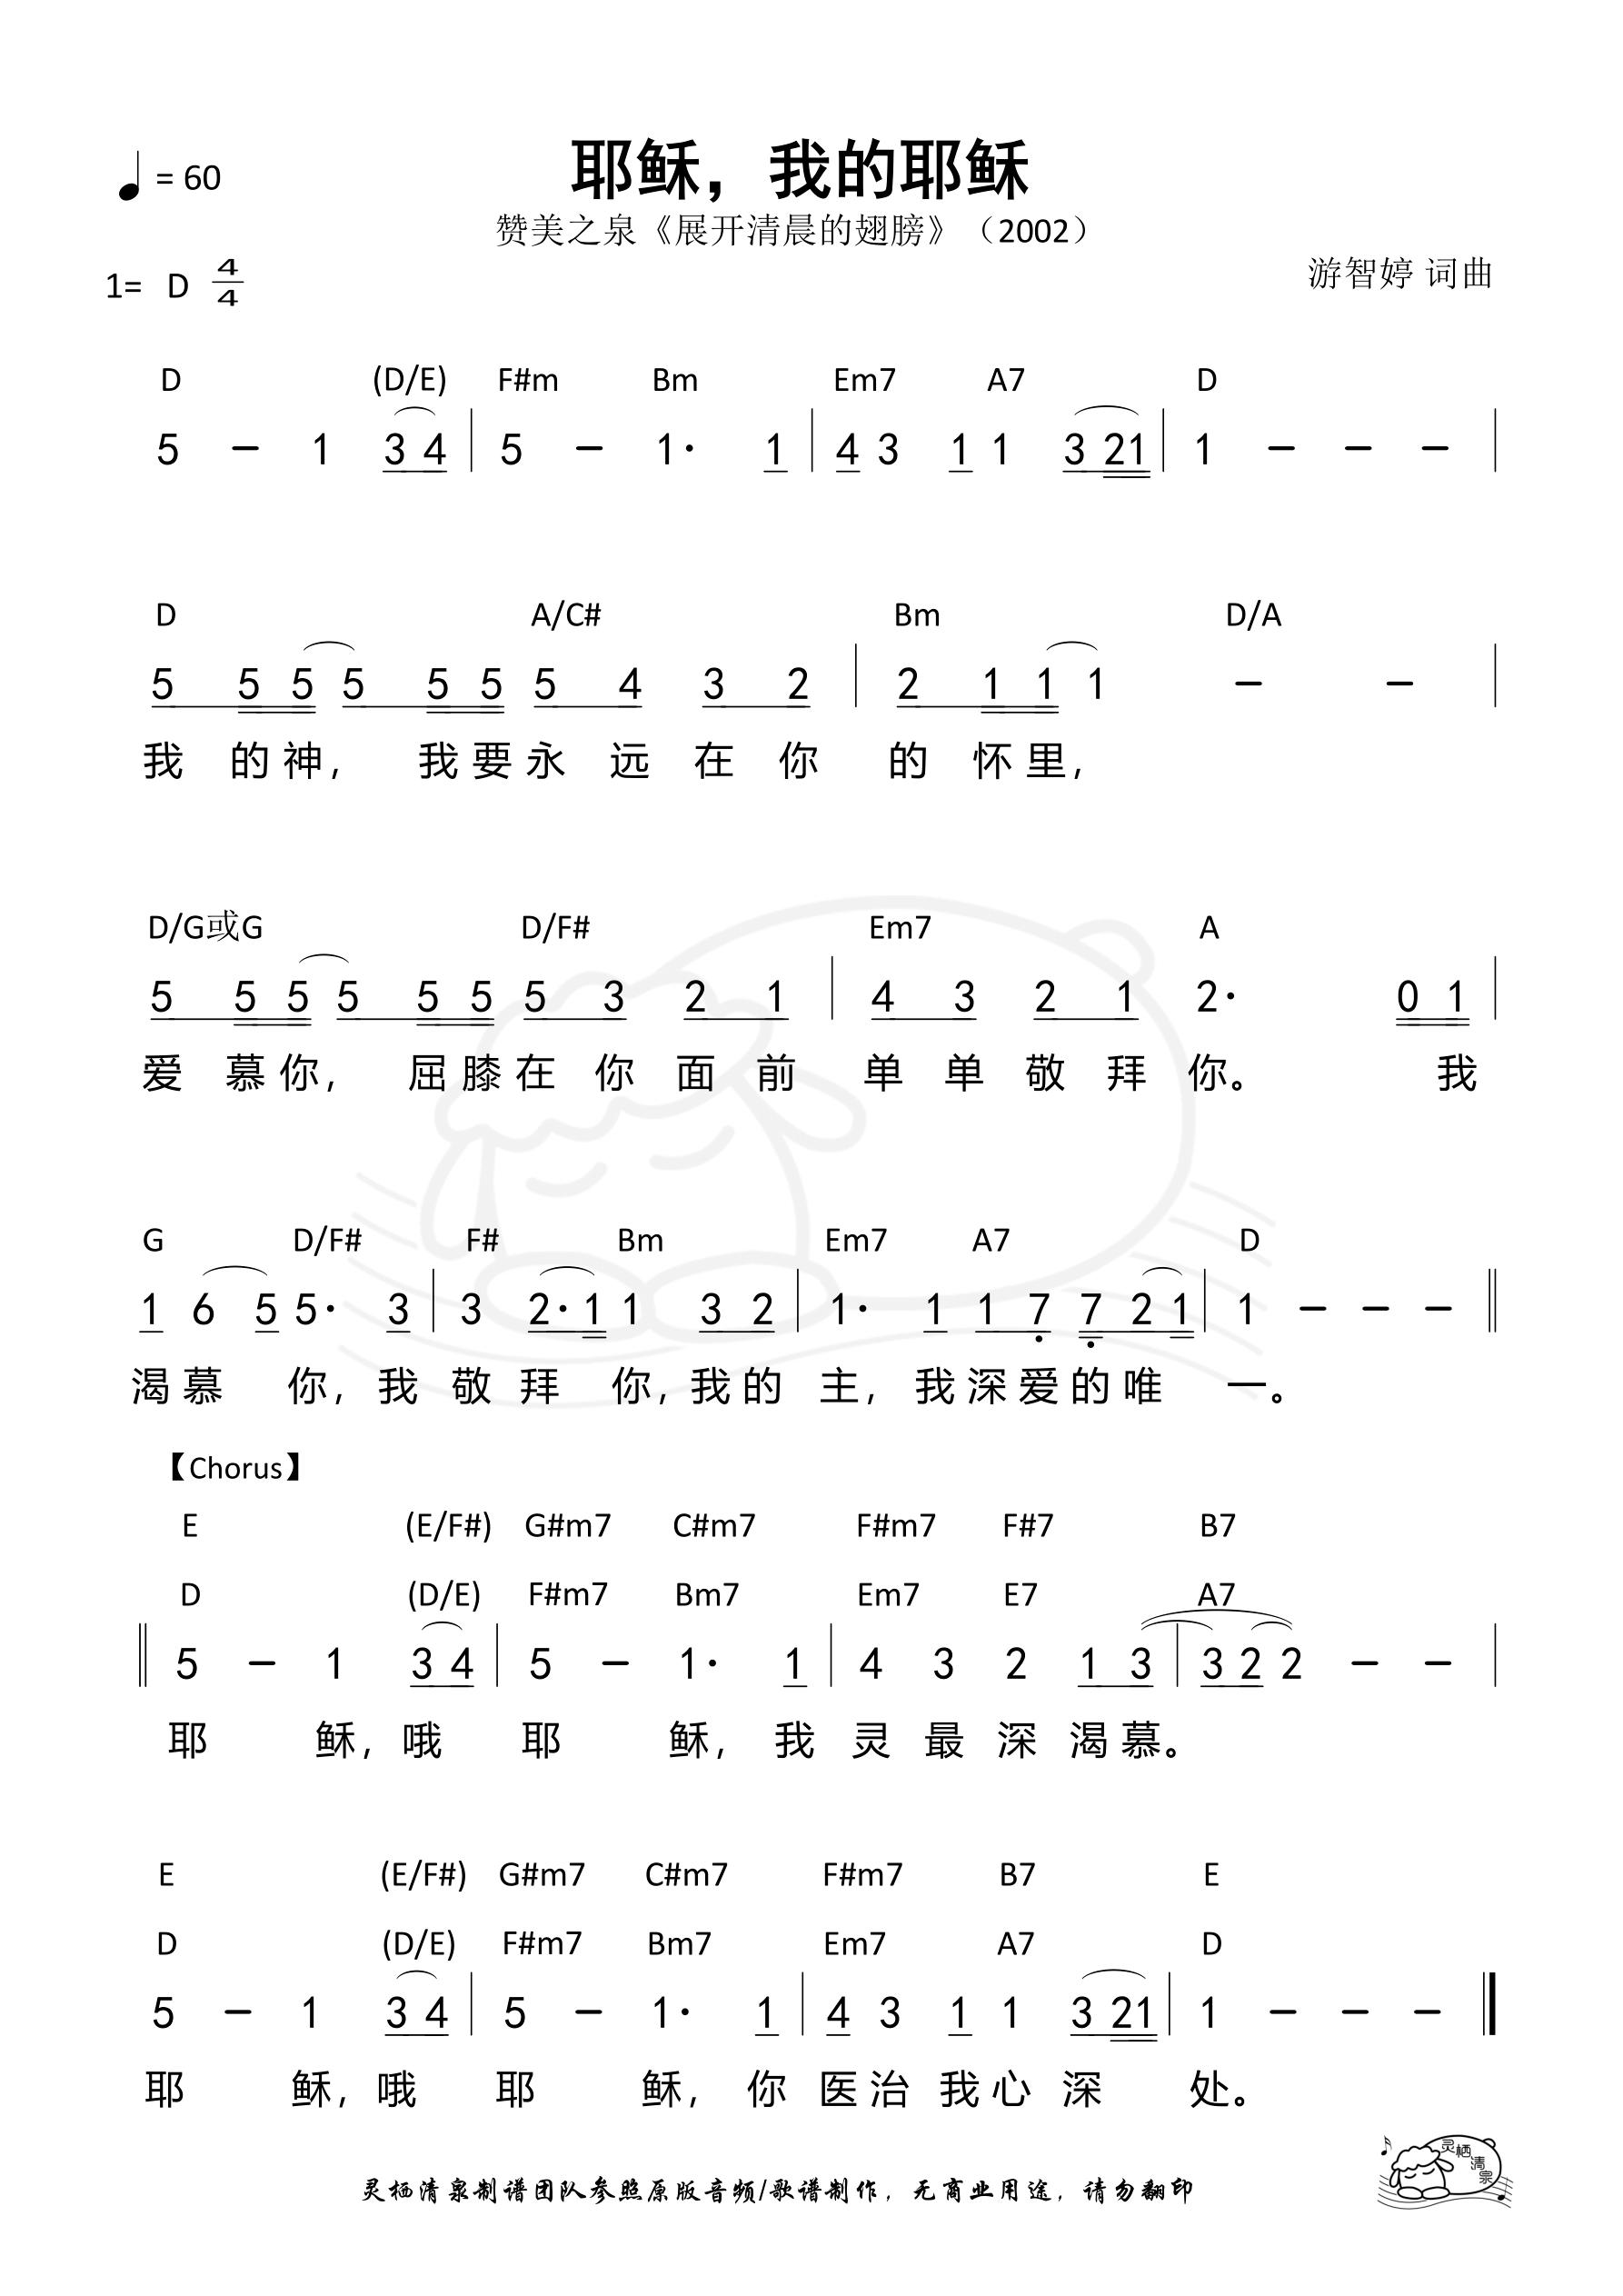 《第79首 - 耶稣,我的耶稣 和弦简谱》